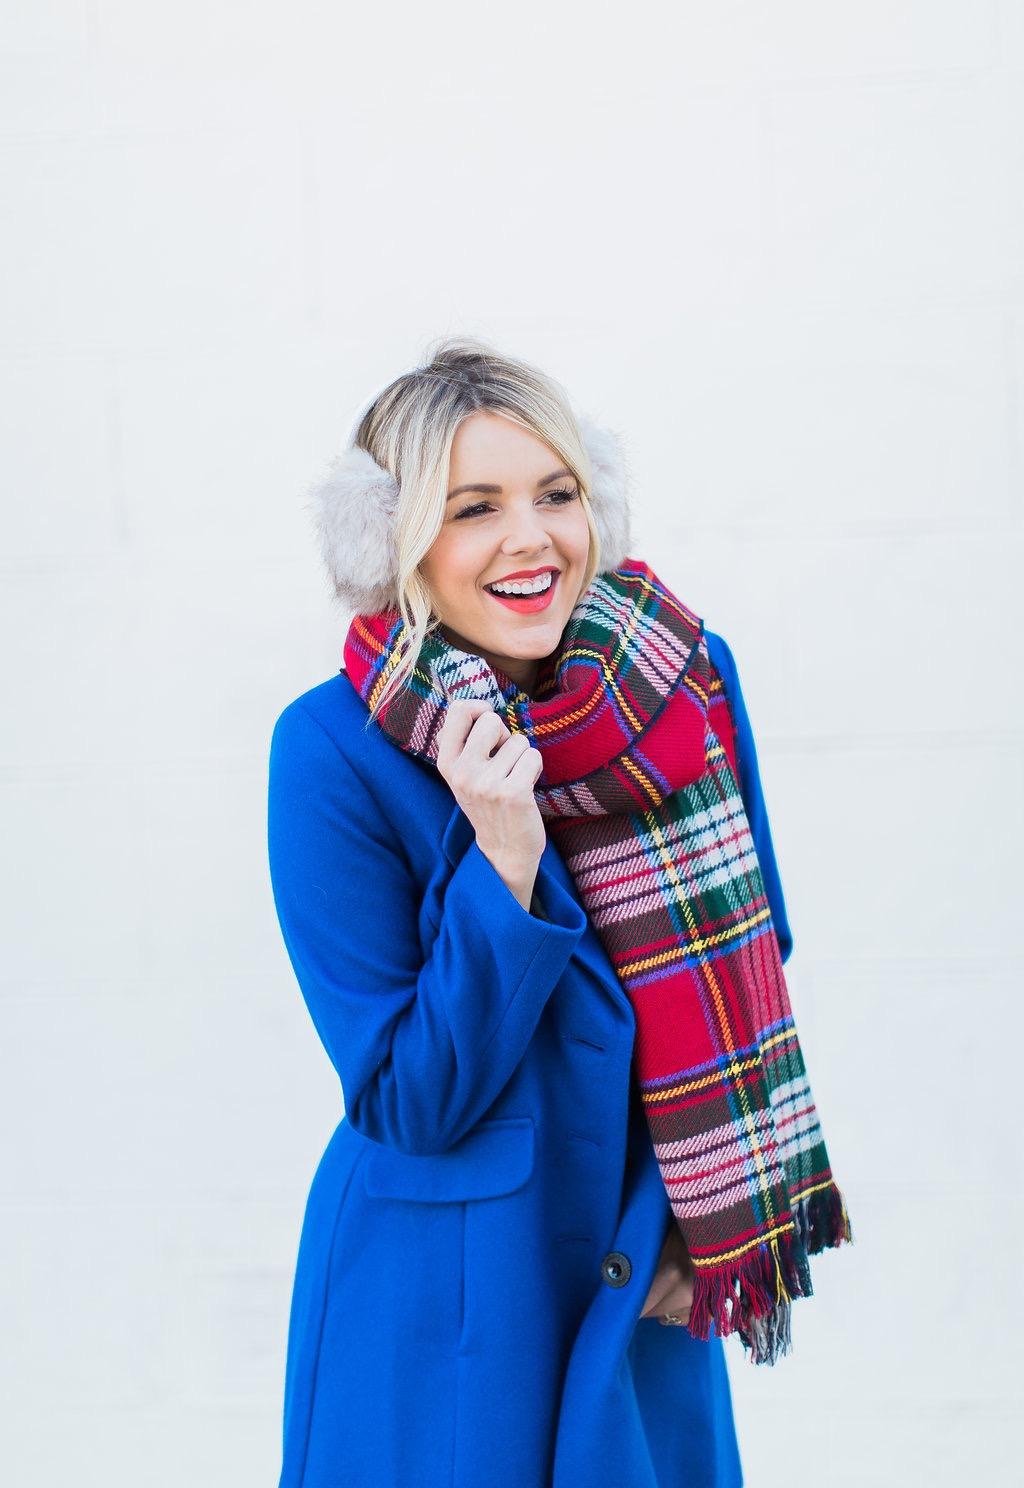 cobalt-blue-coat